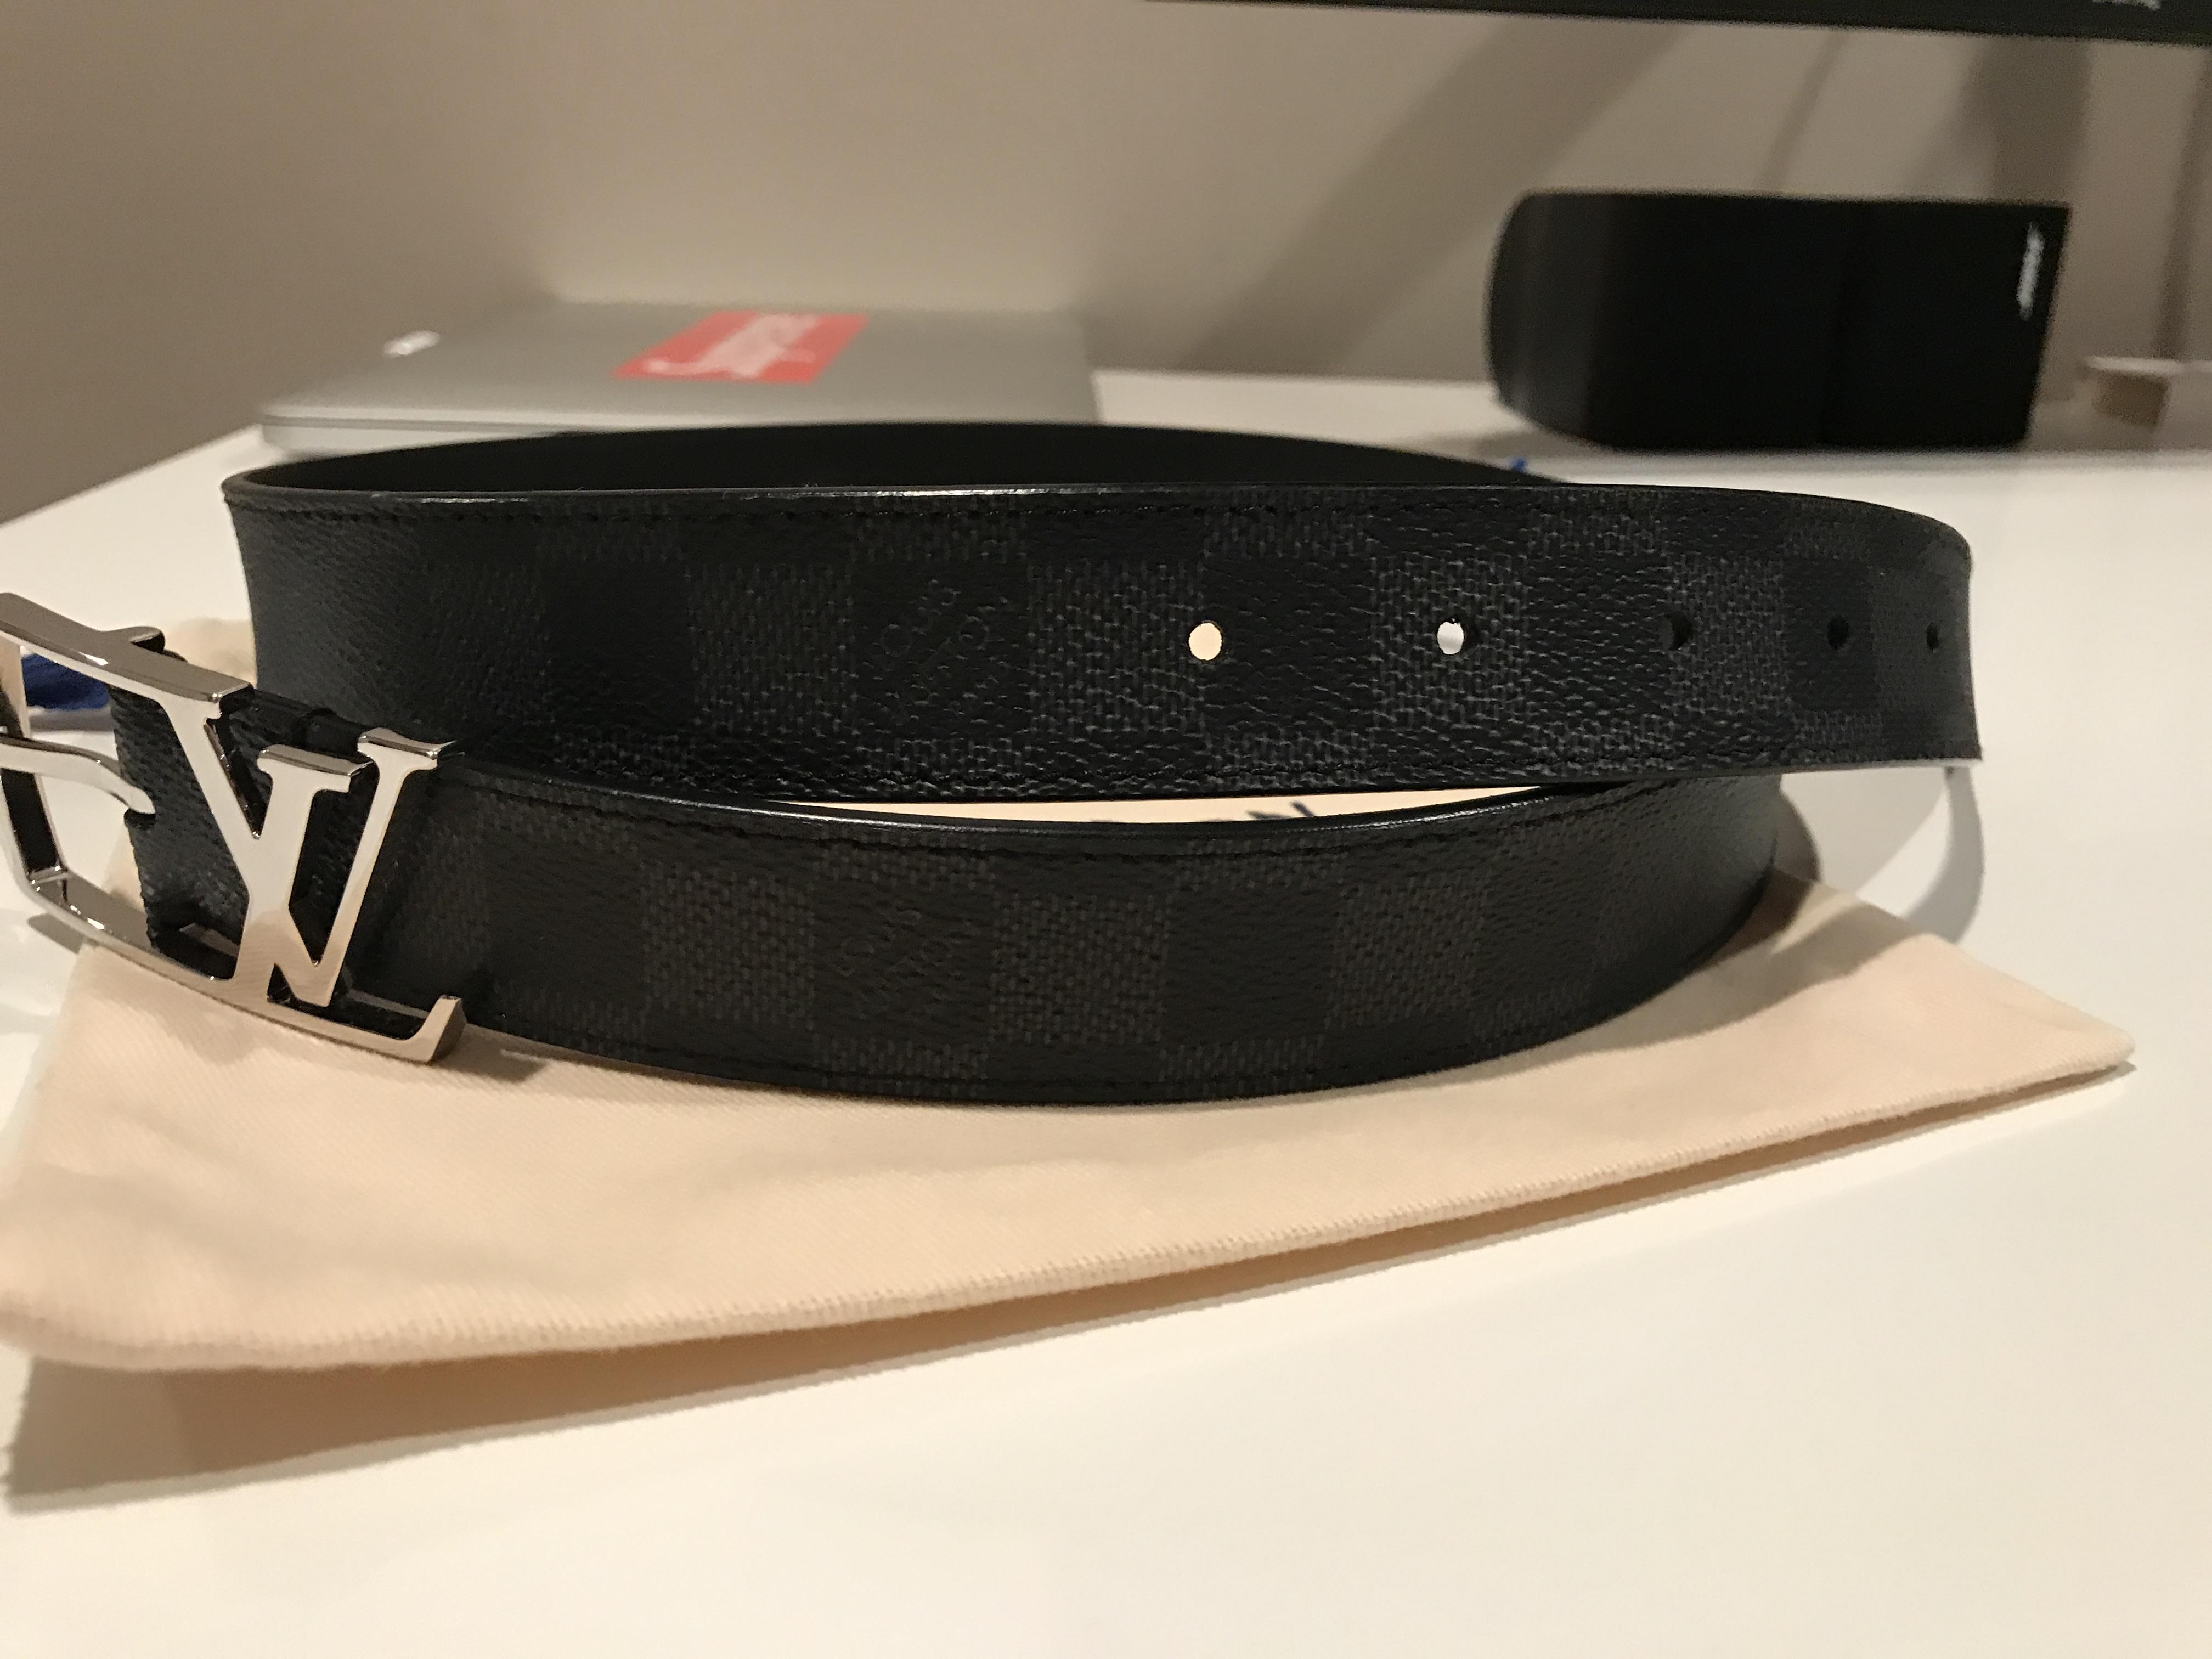 eafb04656320 Louis Vuitton Louis Vuitton Neogram belt Size 32 - Belts for Sale ...